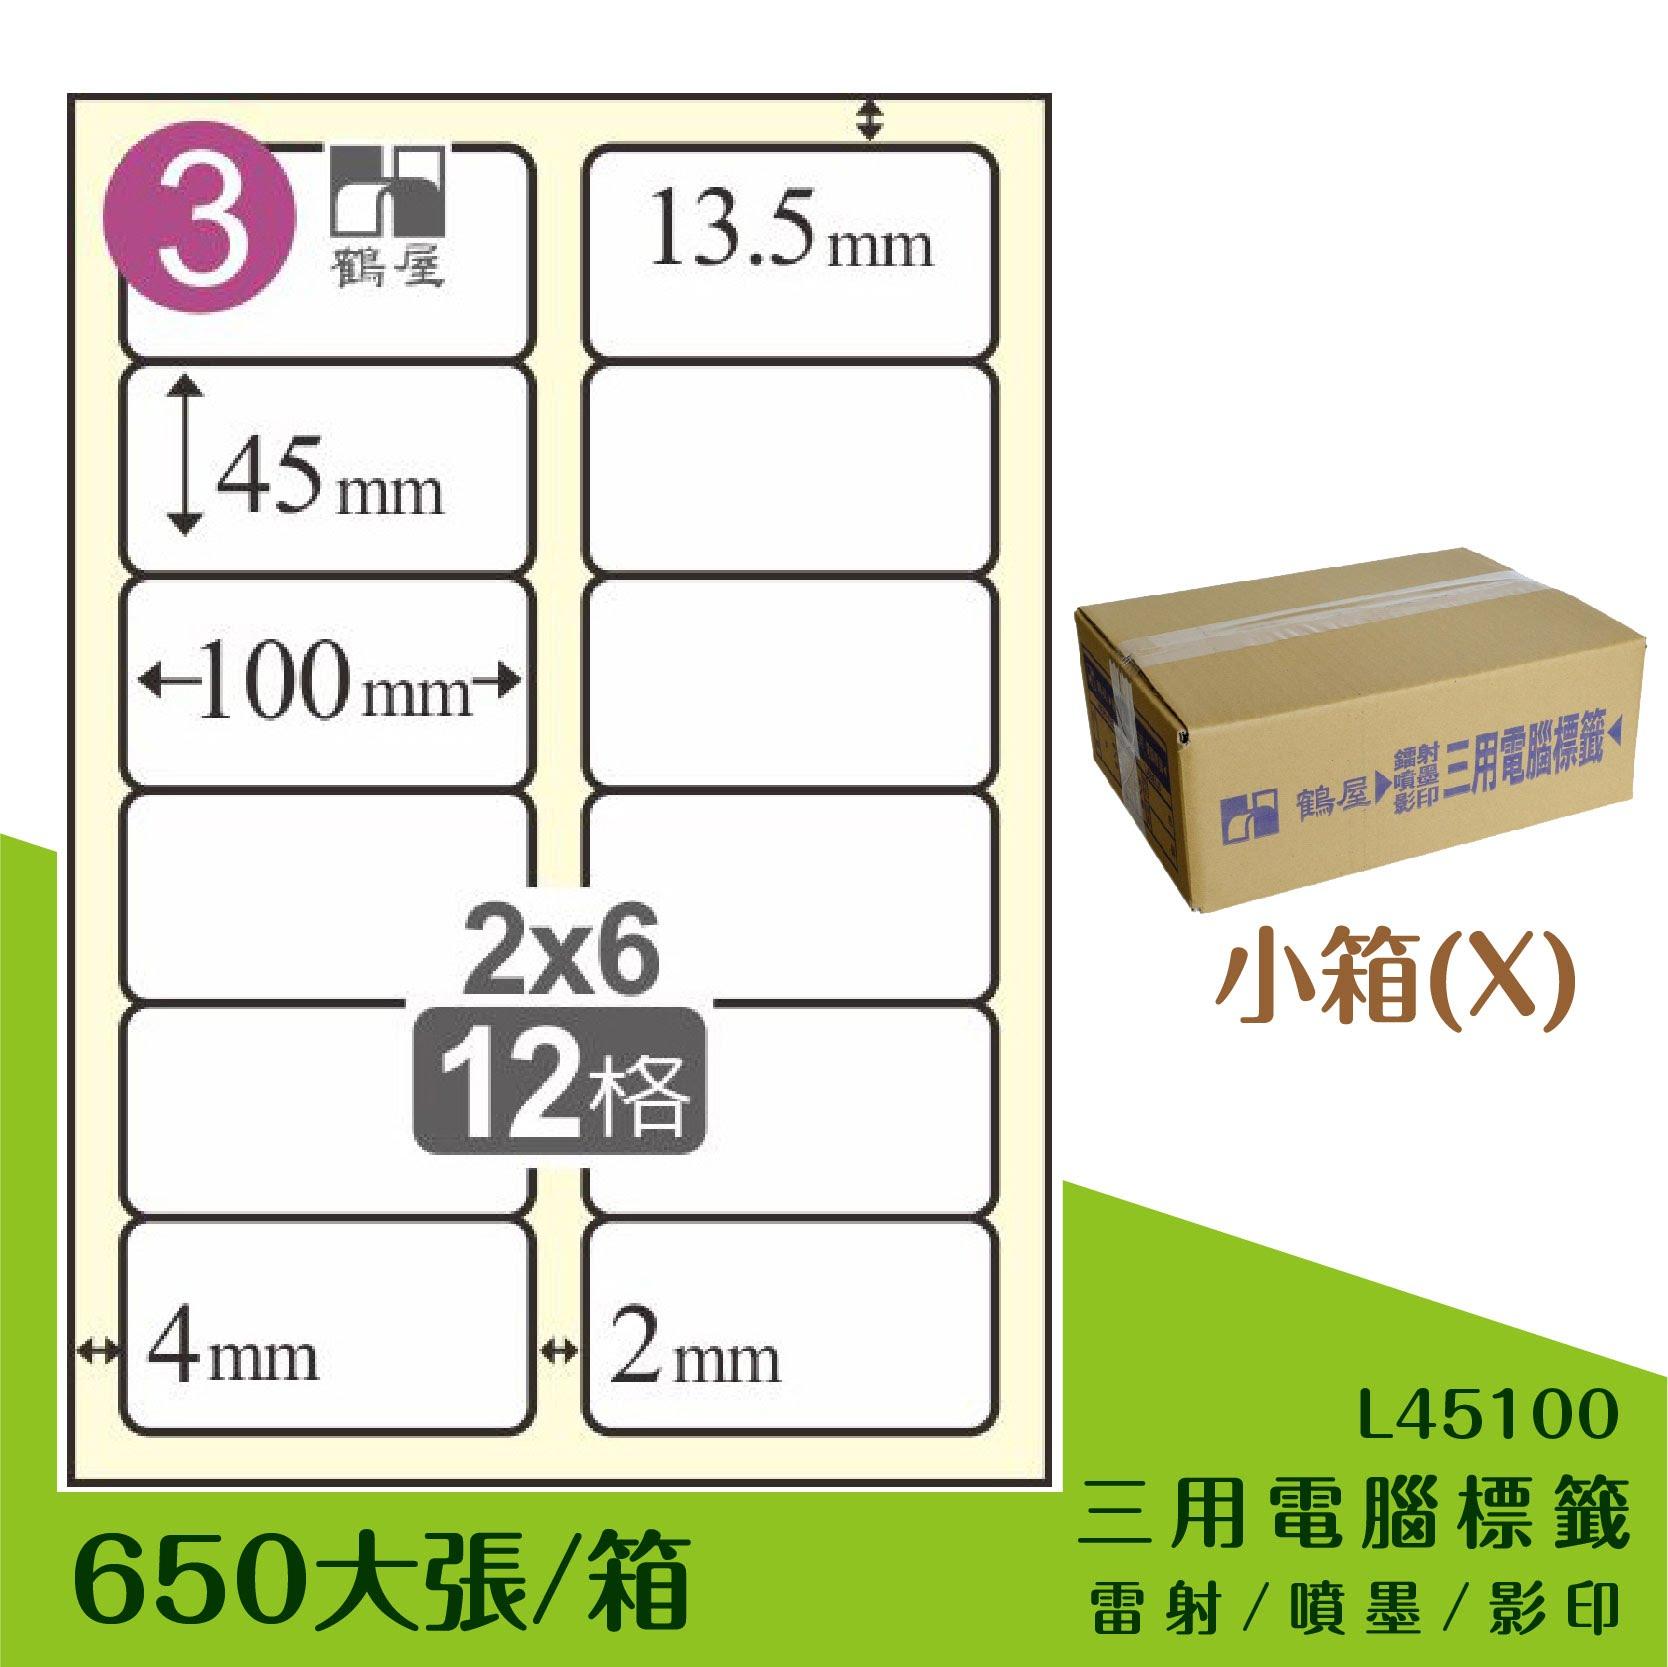 量販一小箱【鶴屋】電腦標籤紙 白色 L45100 12格 650大張/小箱 三用標籤 影印/雷射/噴墨 貼紙 標示 信件